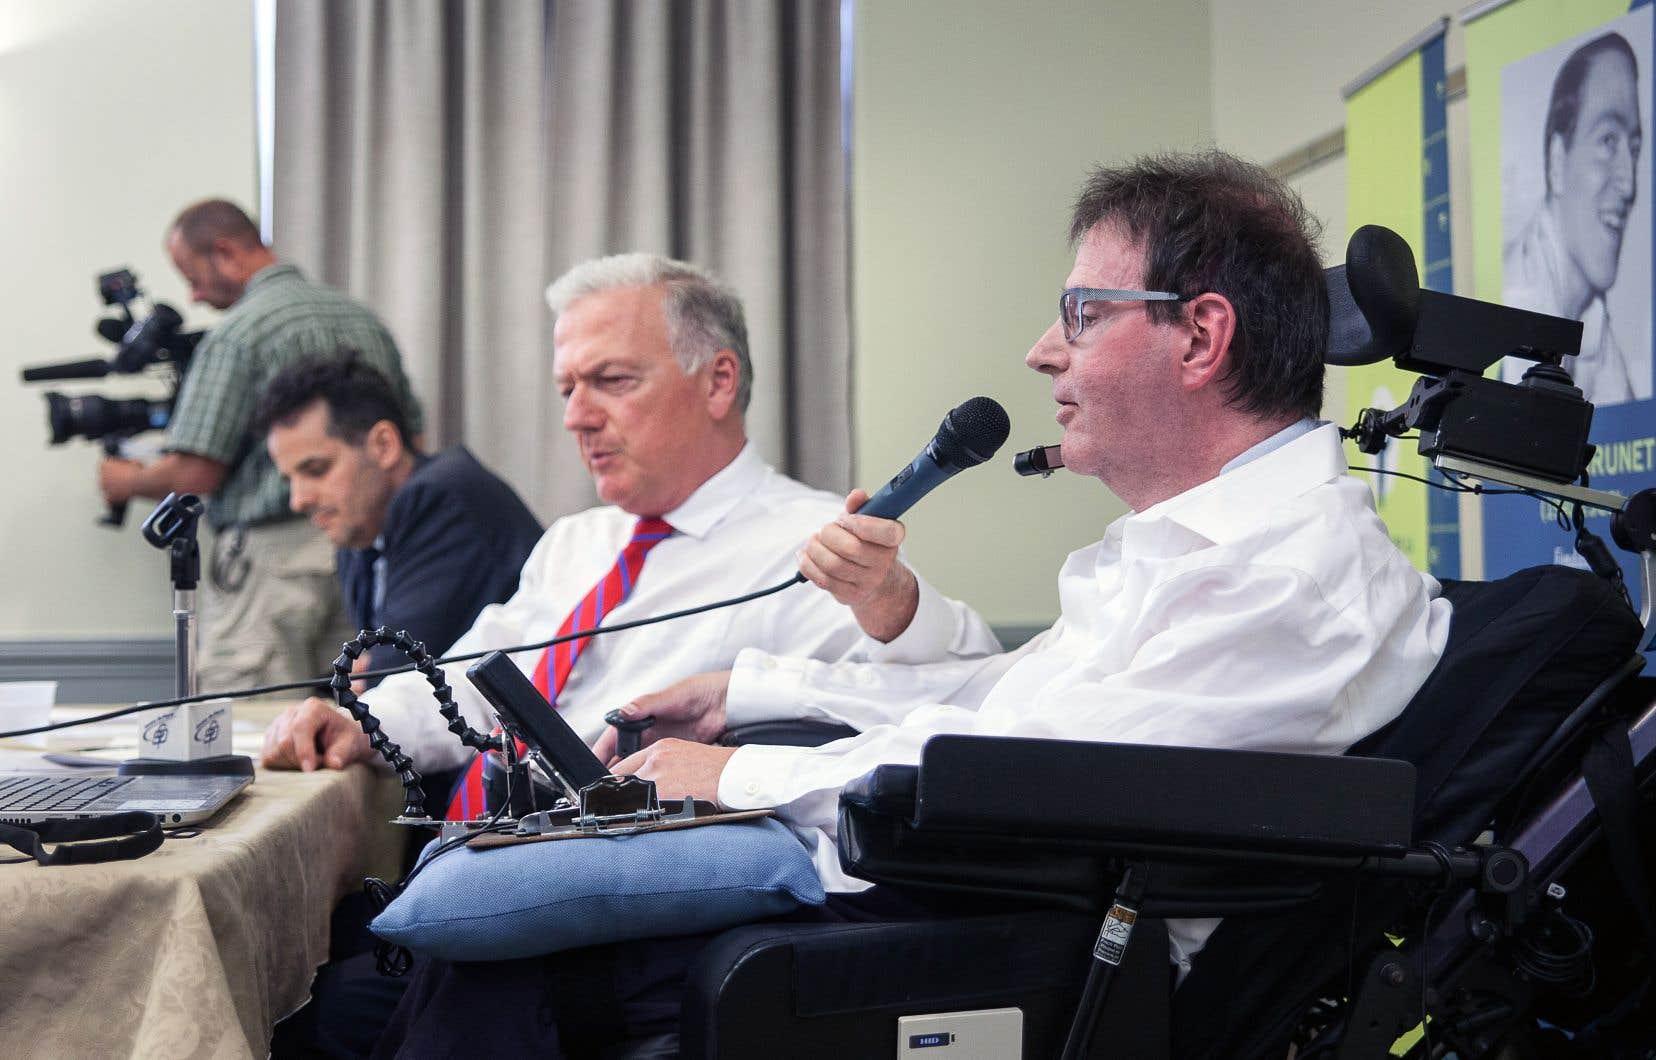 Me Philippe Larochelle, Me Paul G. Brunet, président du Conseil pour la protection des malades, et Daniel Pilotte, codemandeur de l'action collective.